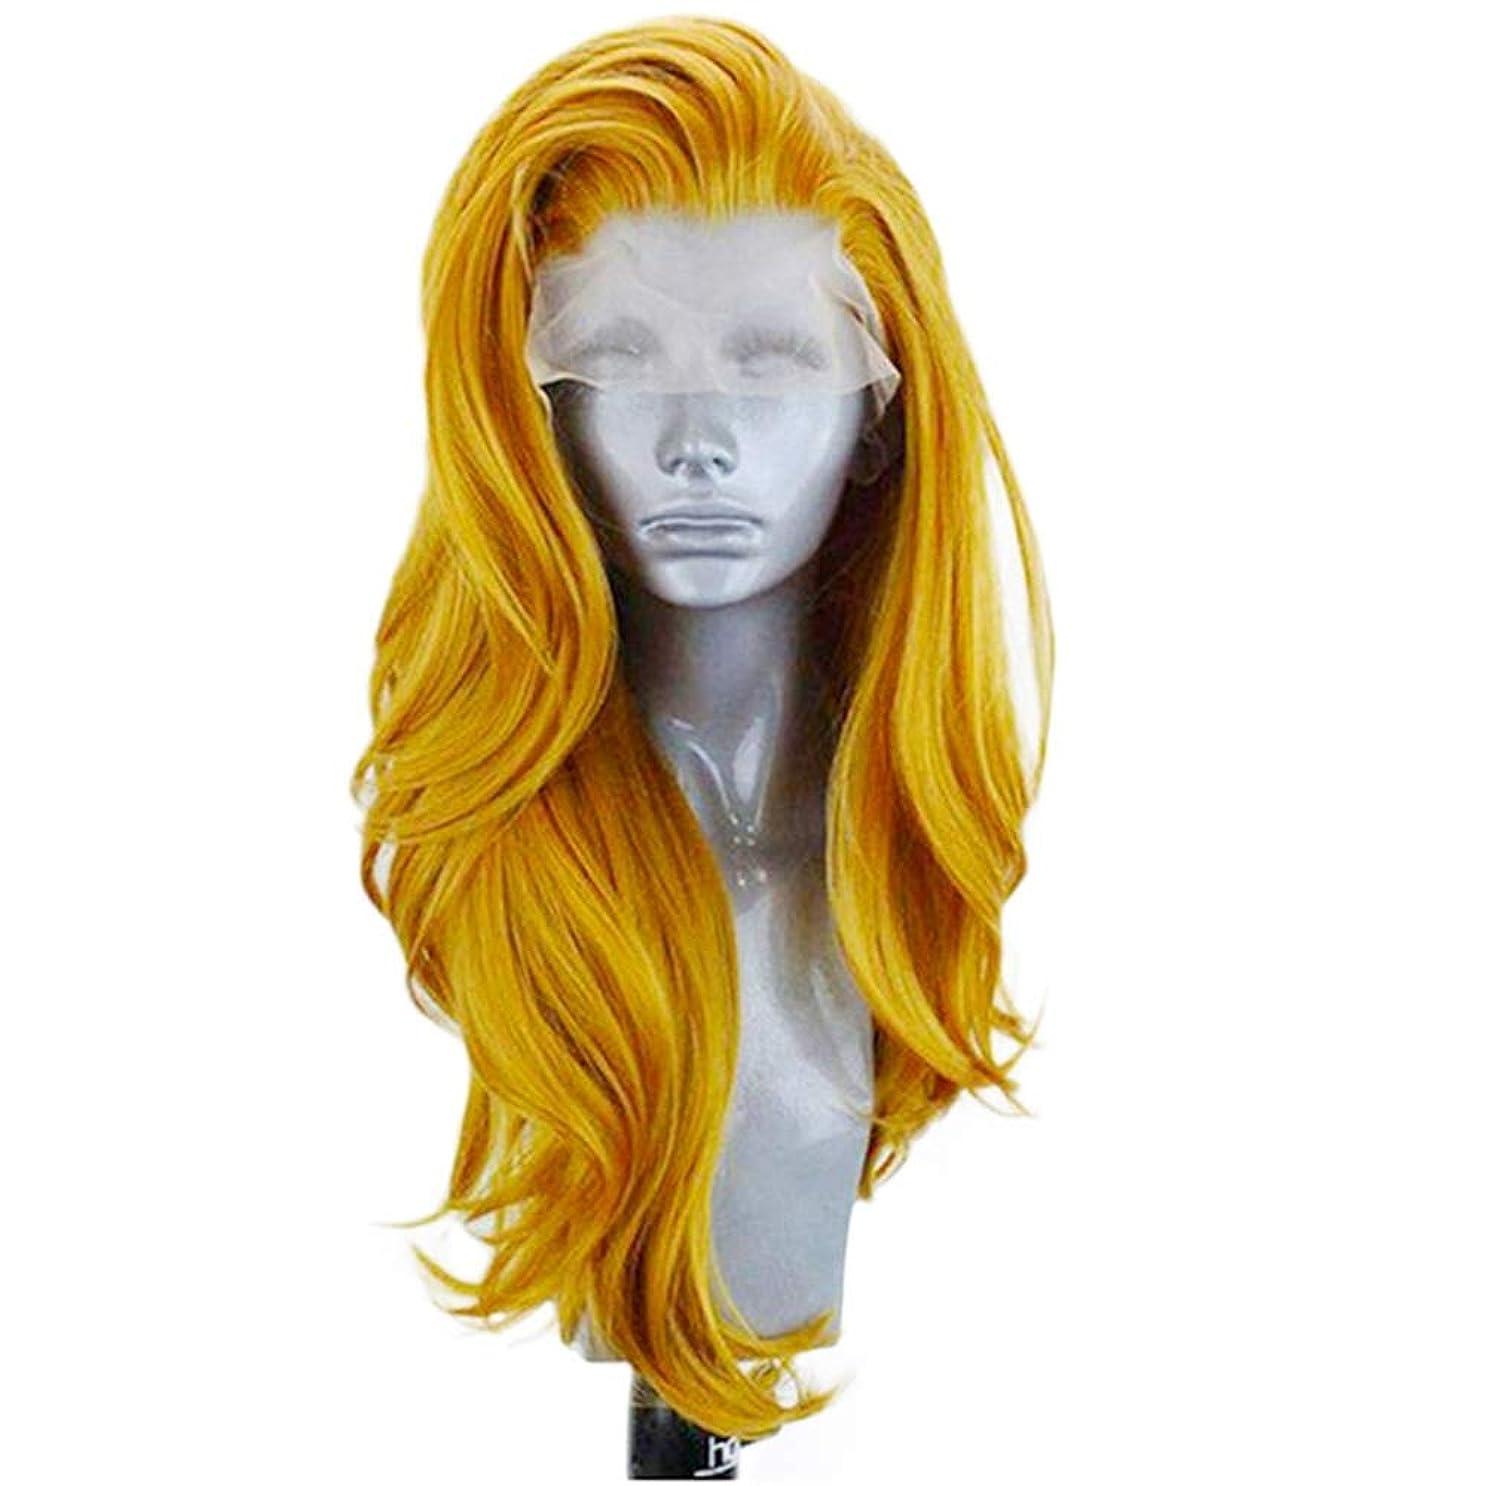 降ろす硬化する考案するZXF フロントバッドシルクスクリーンヨーロッパとアメリカのファッションゴールドレディースウィッグ26インチ大波長い巻き毛の化学繊維フード高密度 美しい